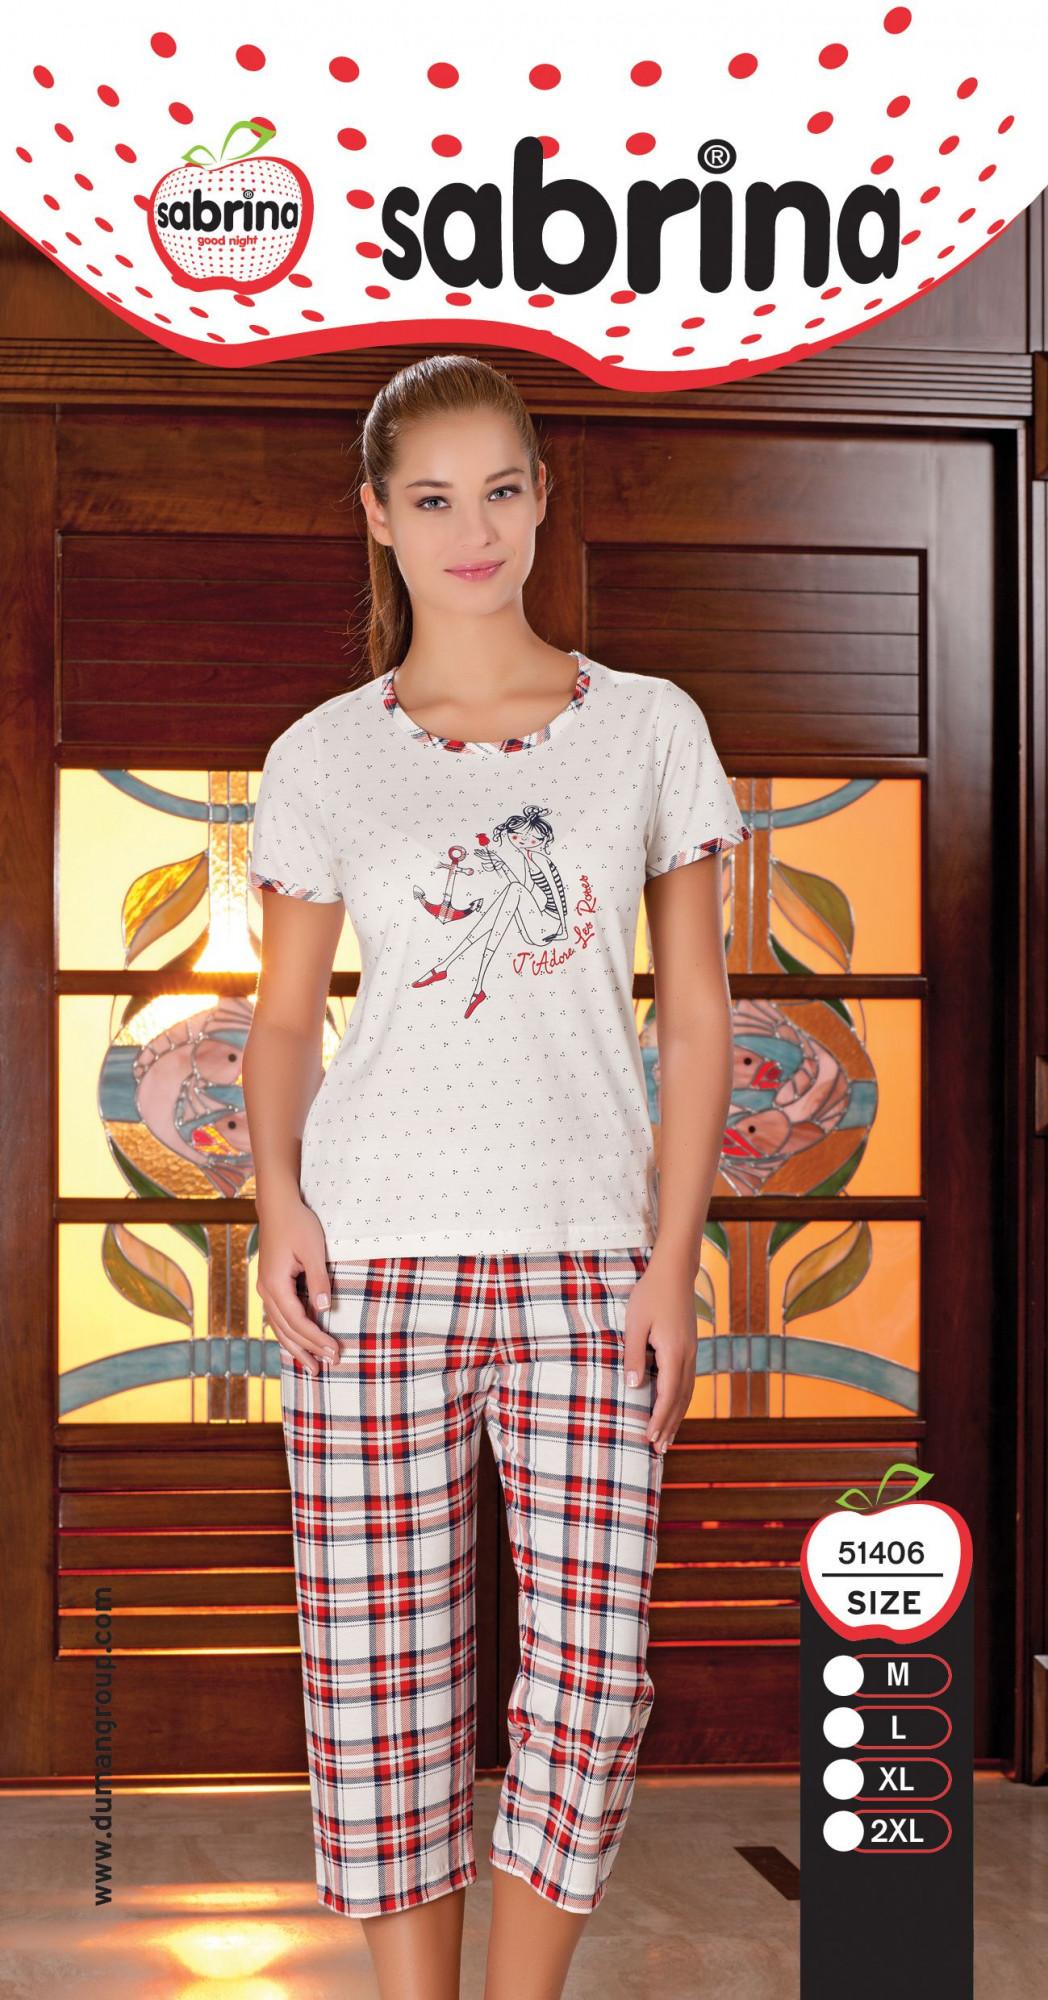 Dámské pyžamo 51406 Sabrina Barva: krémová, Velikost: 2XL